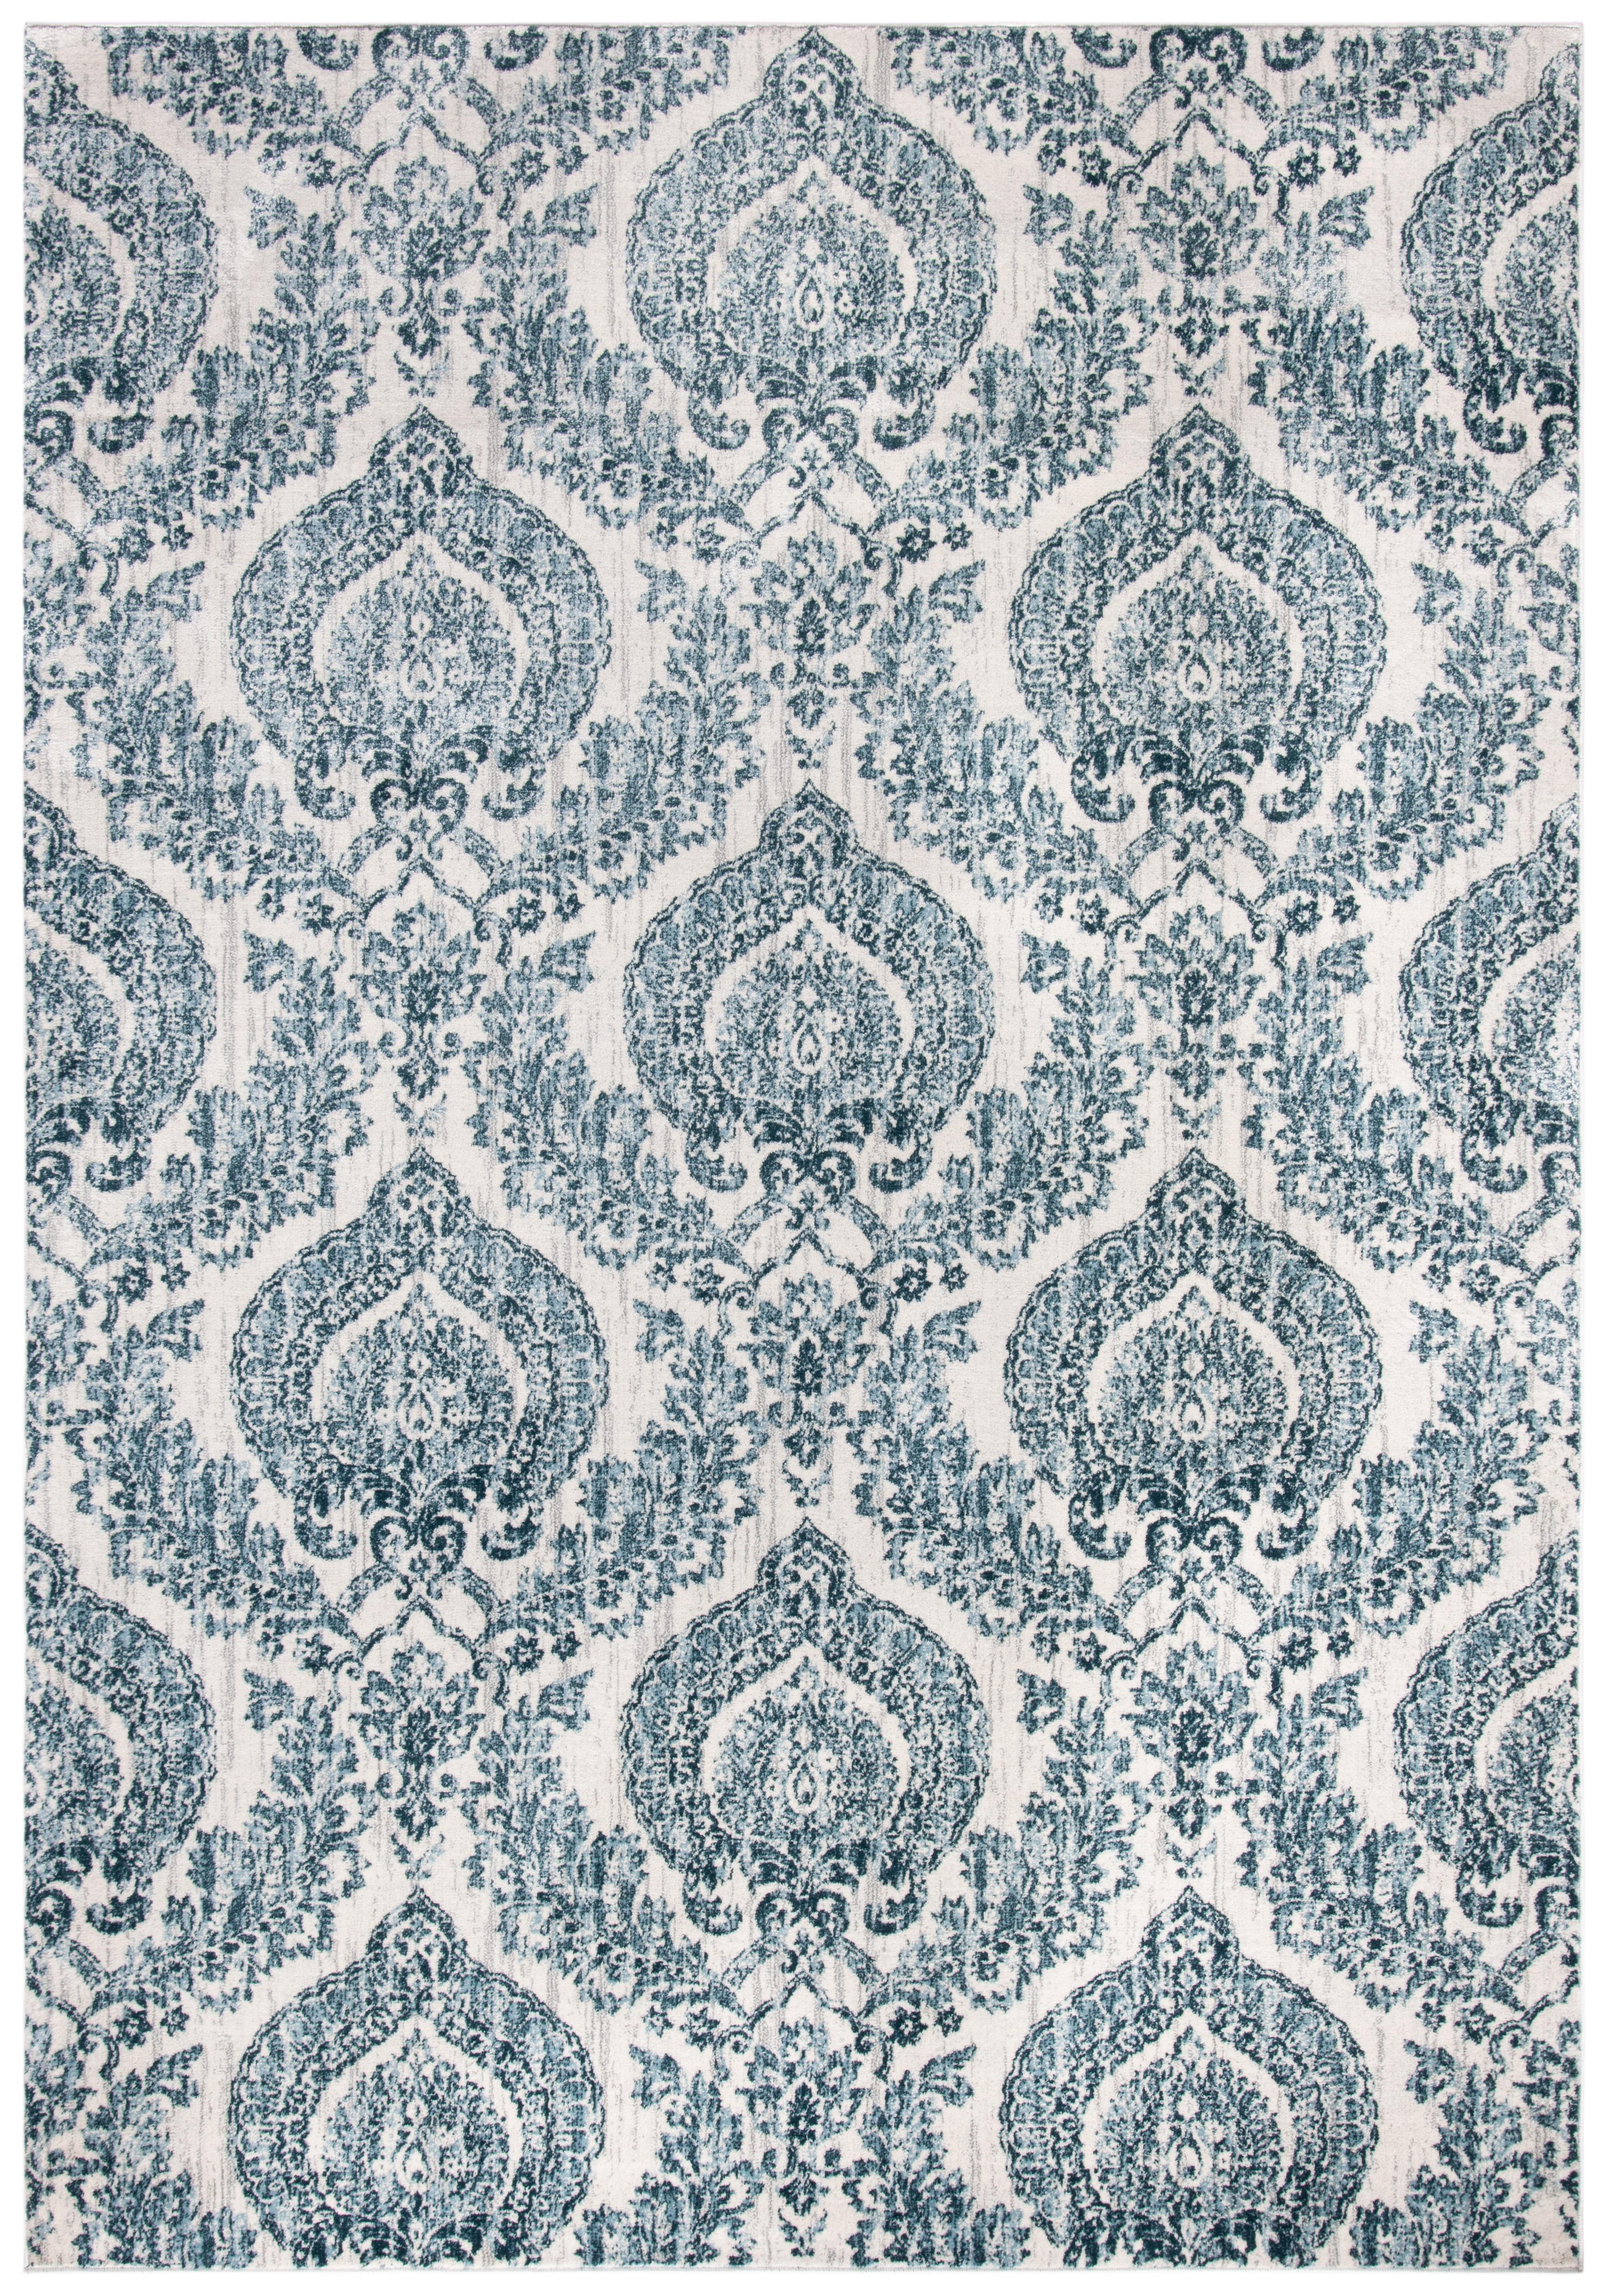 Tapis de salon classique bleu marine et ivoire 121x182